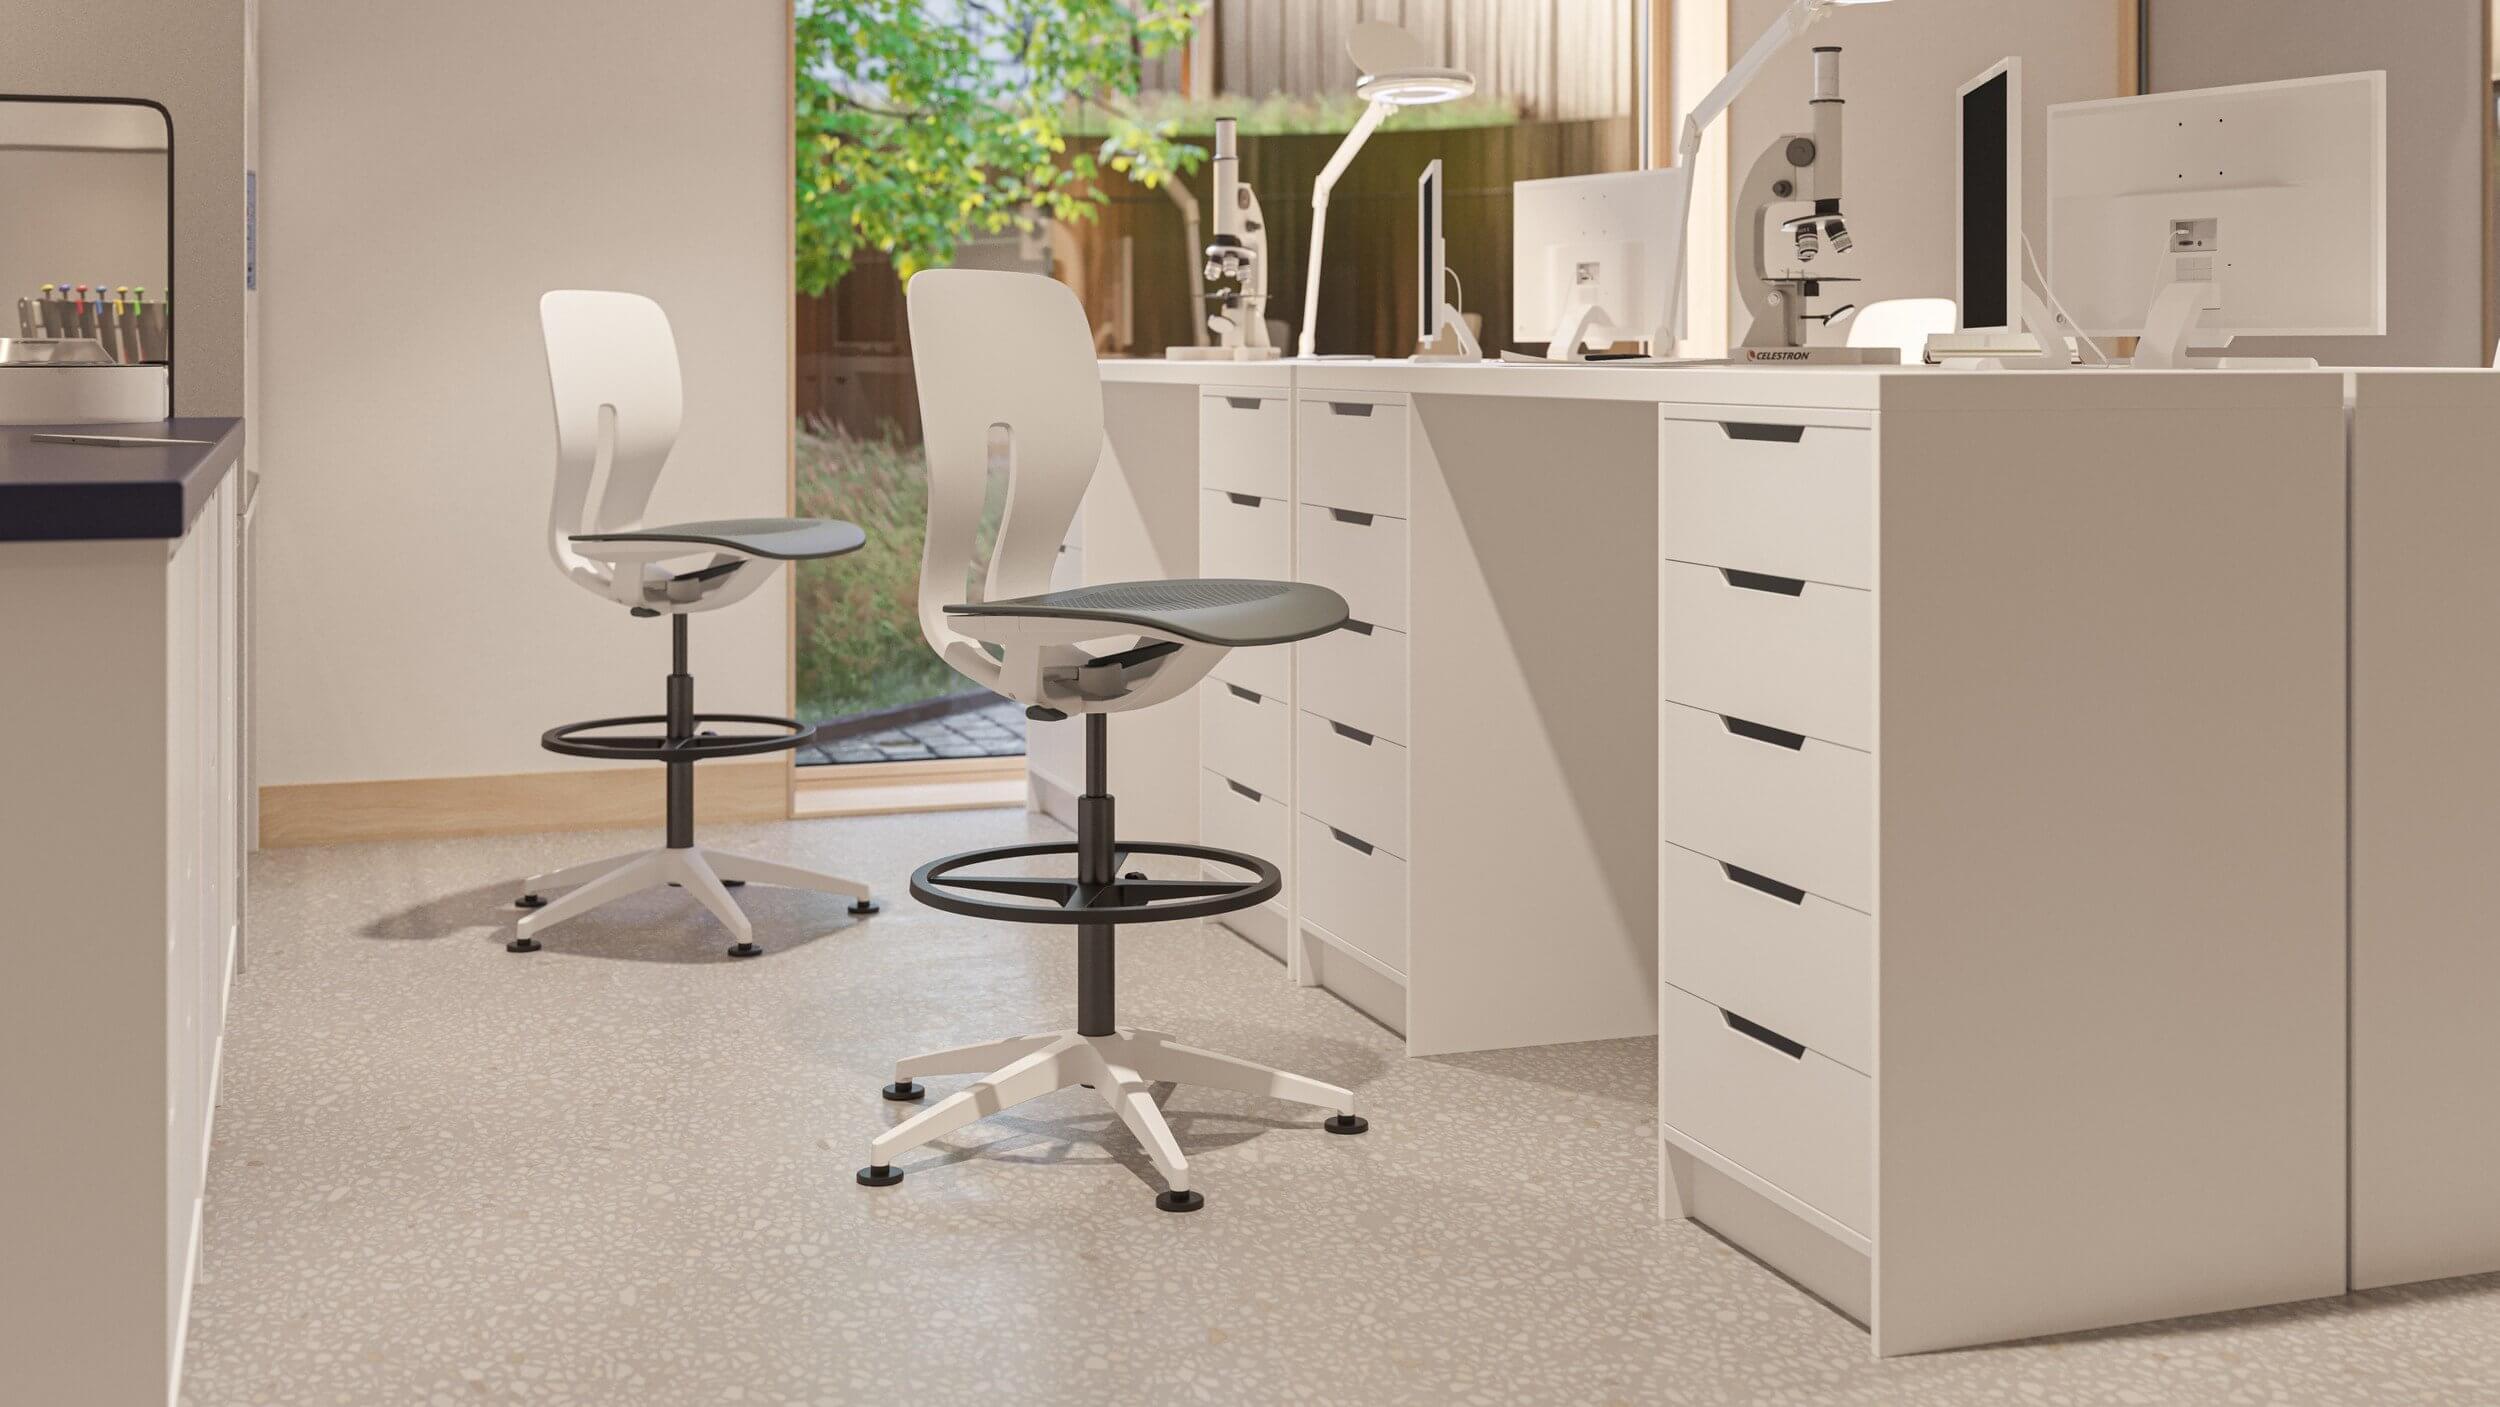 Chaise de bureau hauteur d'assise 80 cm.